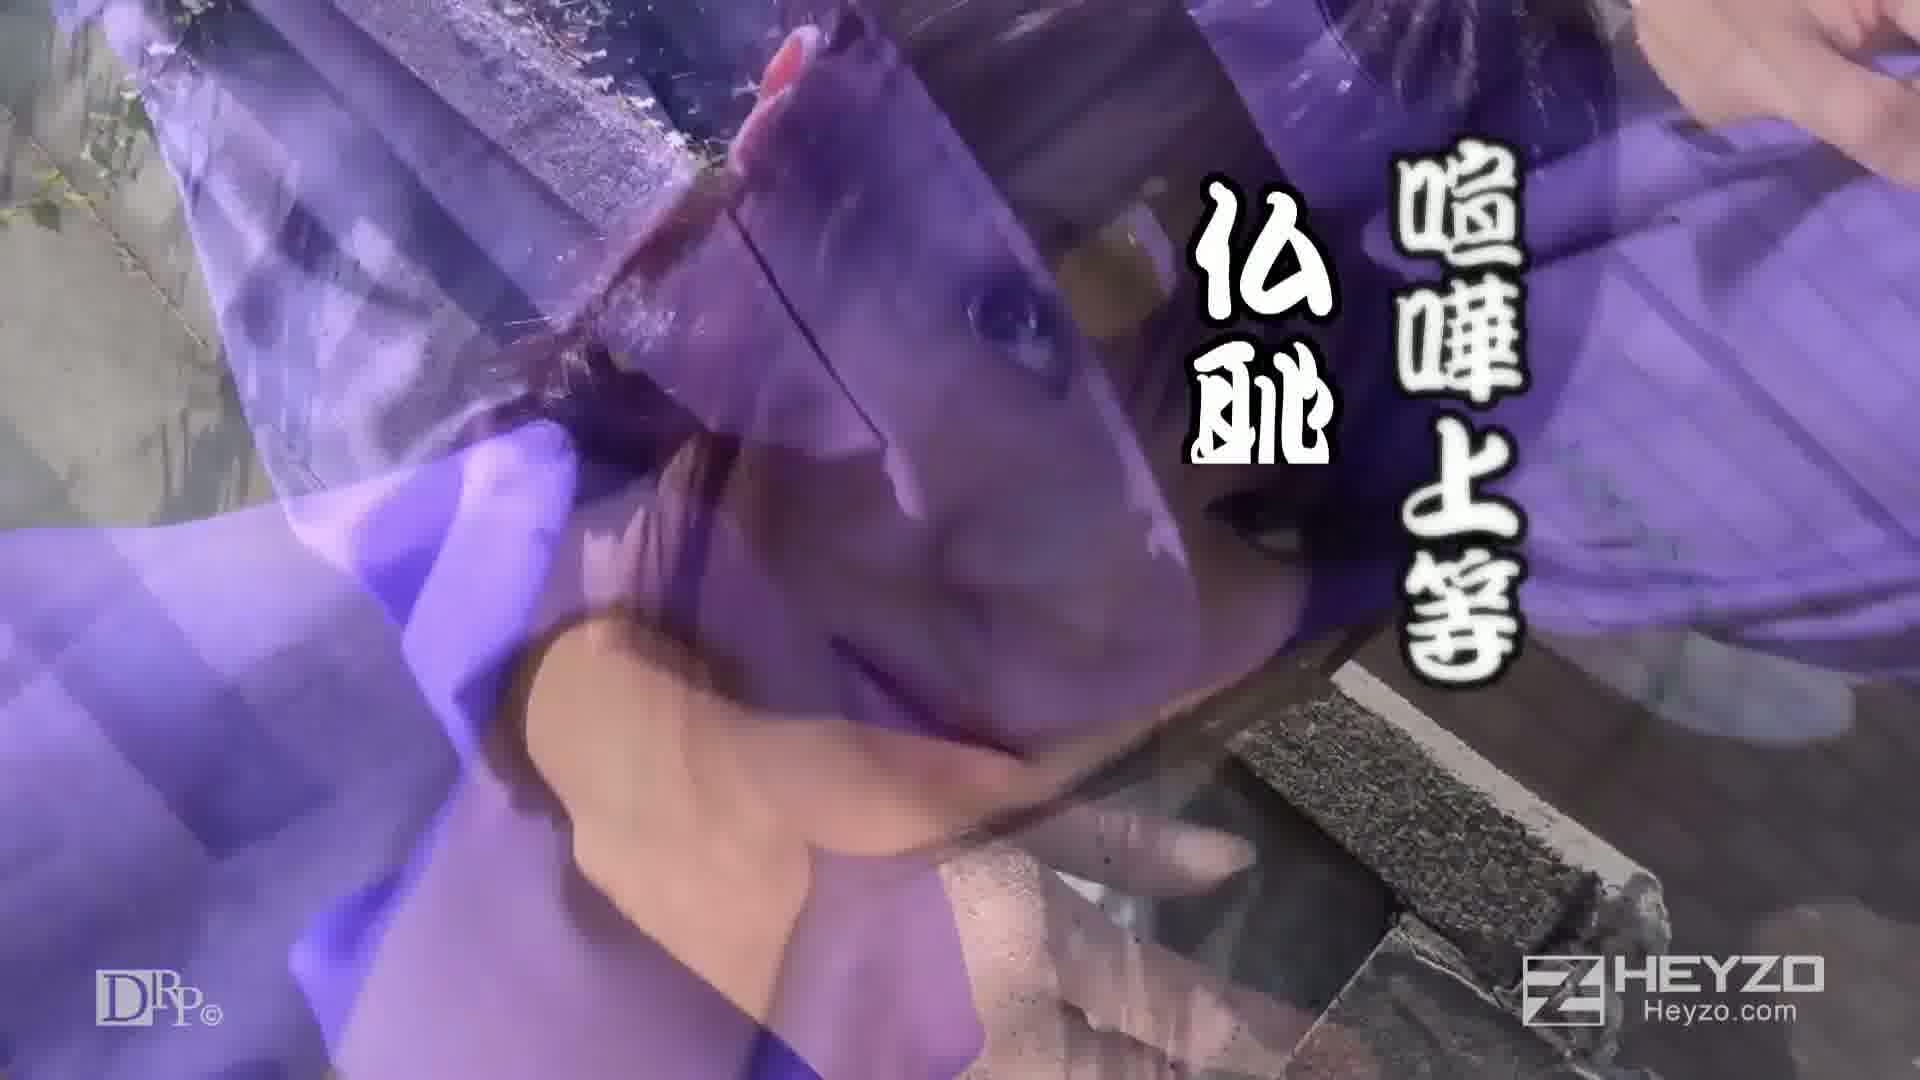 若奥様は元ヤンキー~気合い入れて突っ込めや!~ - 百合川さら【クンニ フェラ抜き】